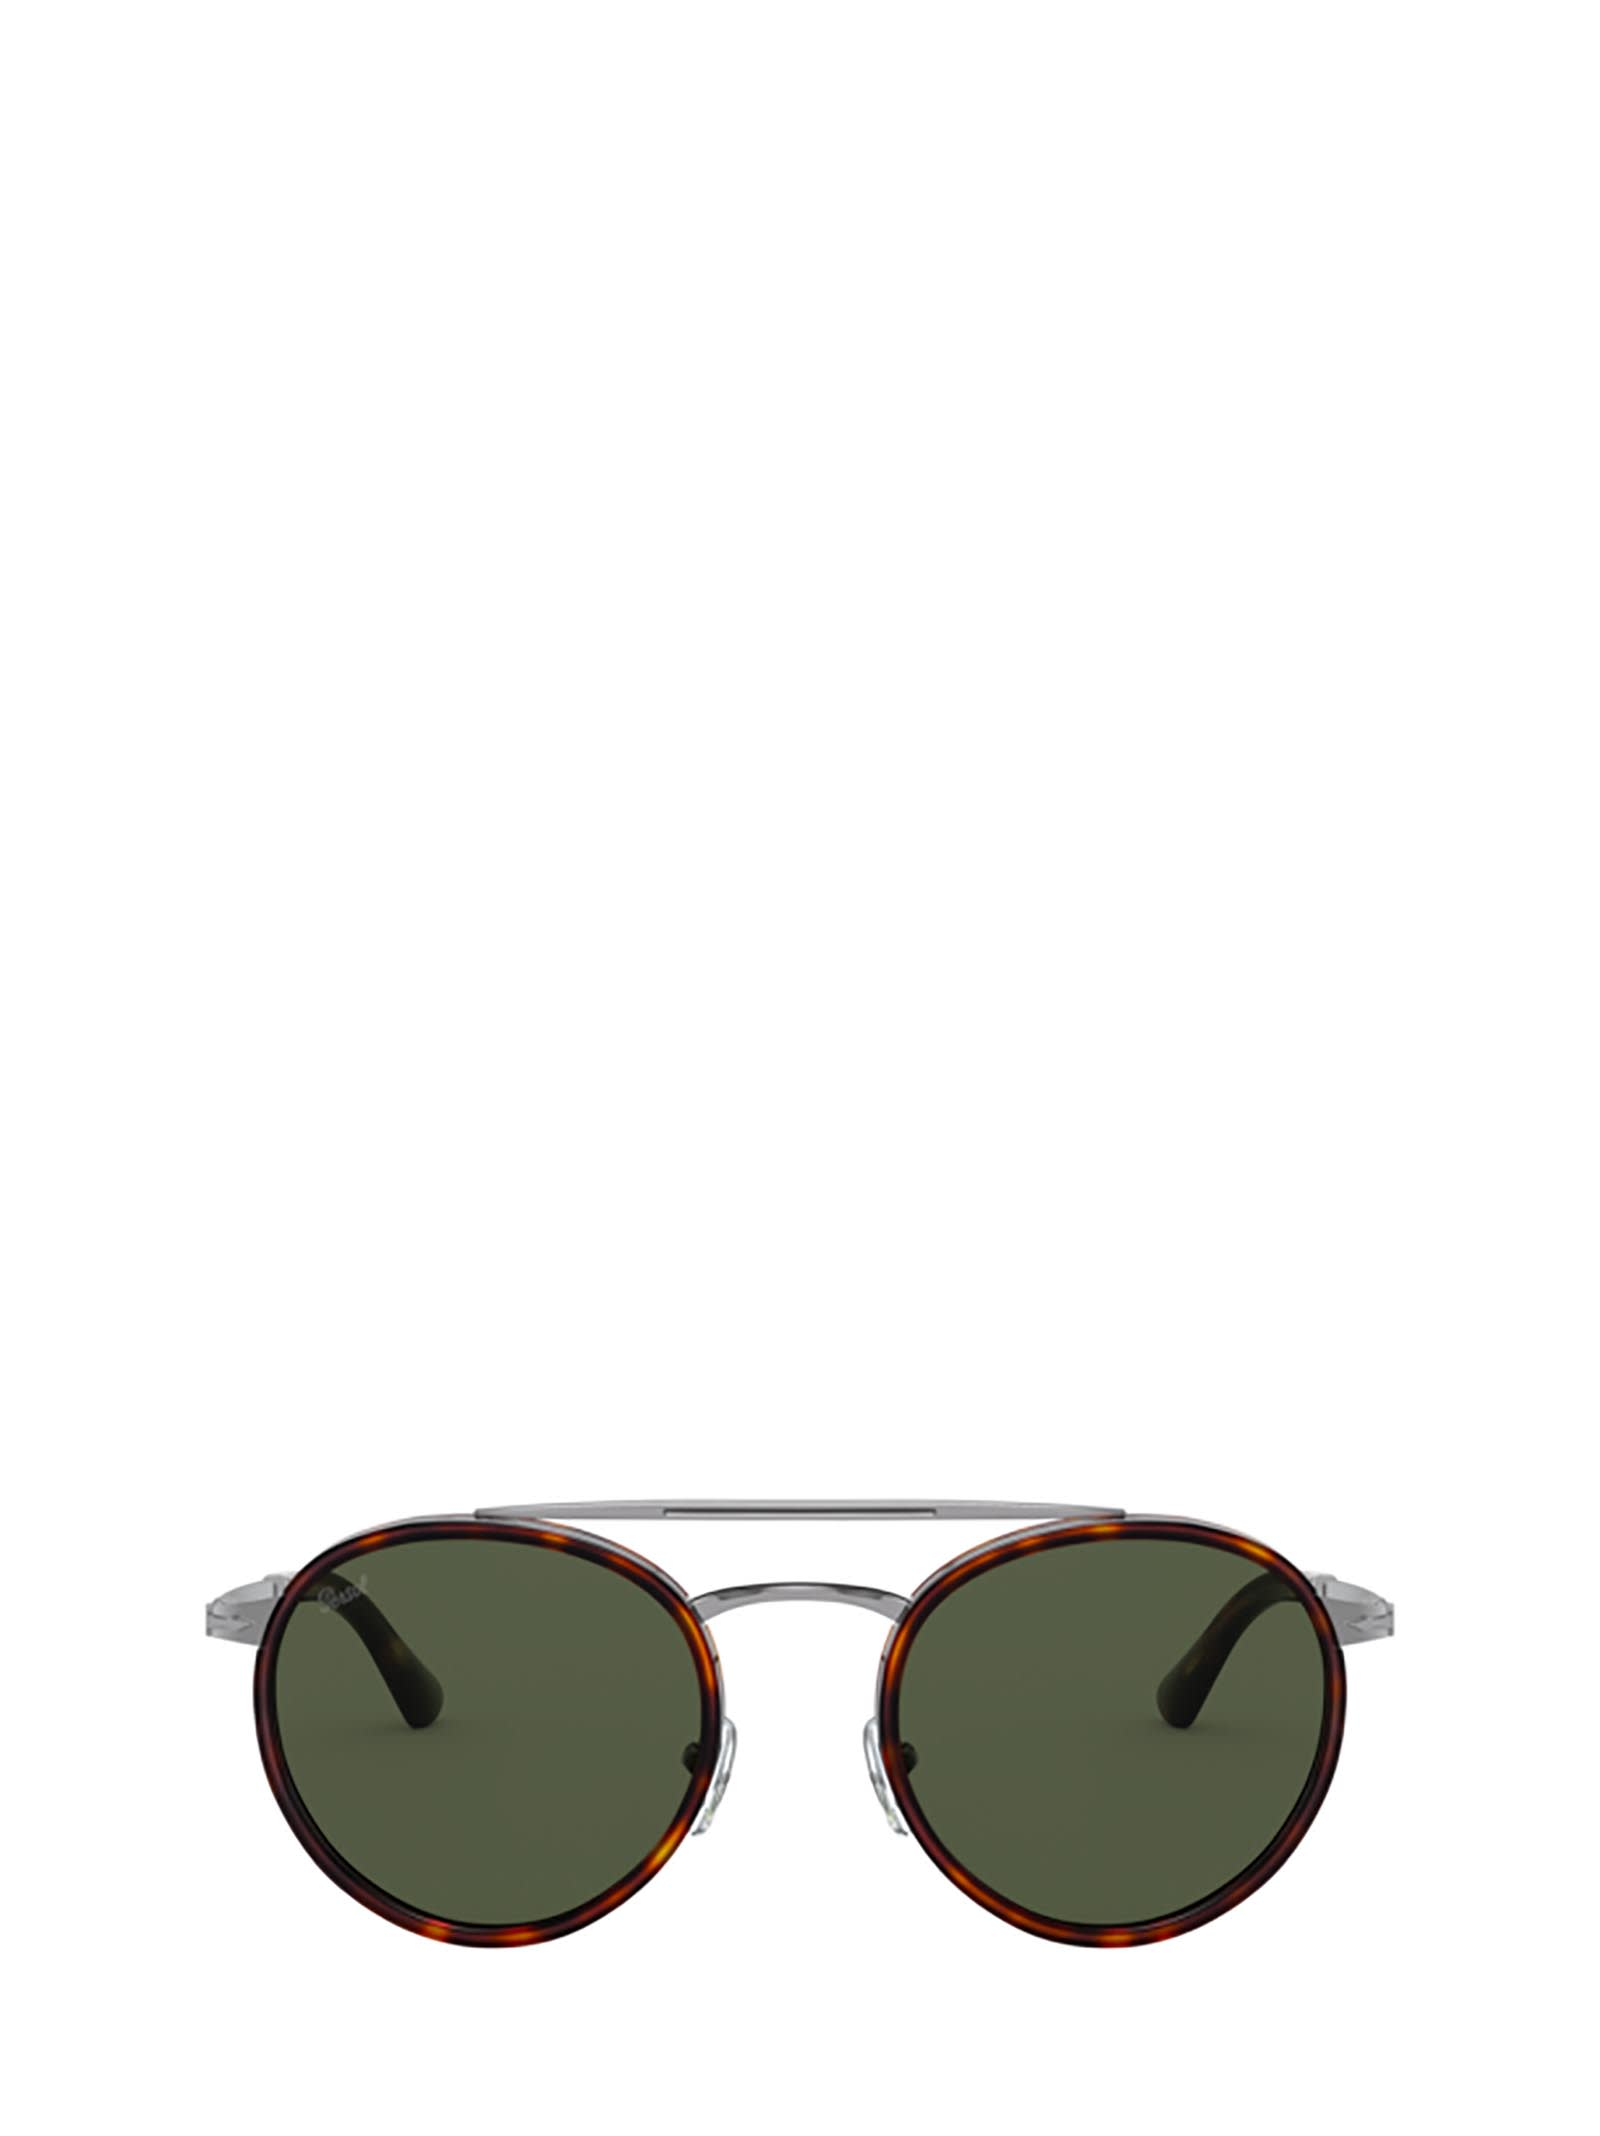 Persol Persol Po2467s 513/31 Sunglasses